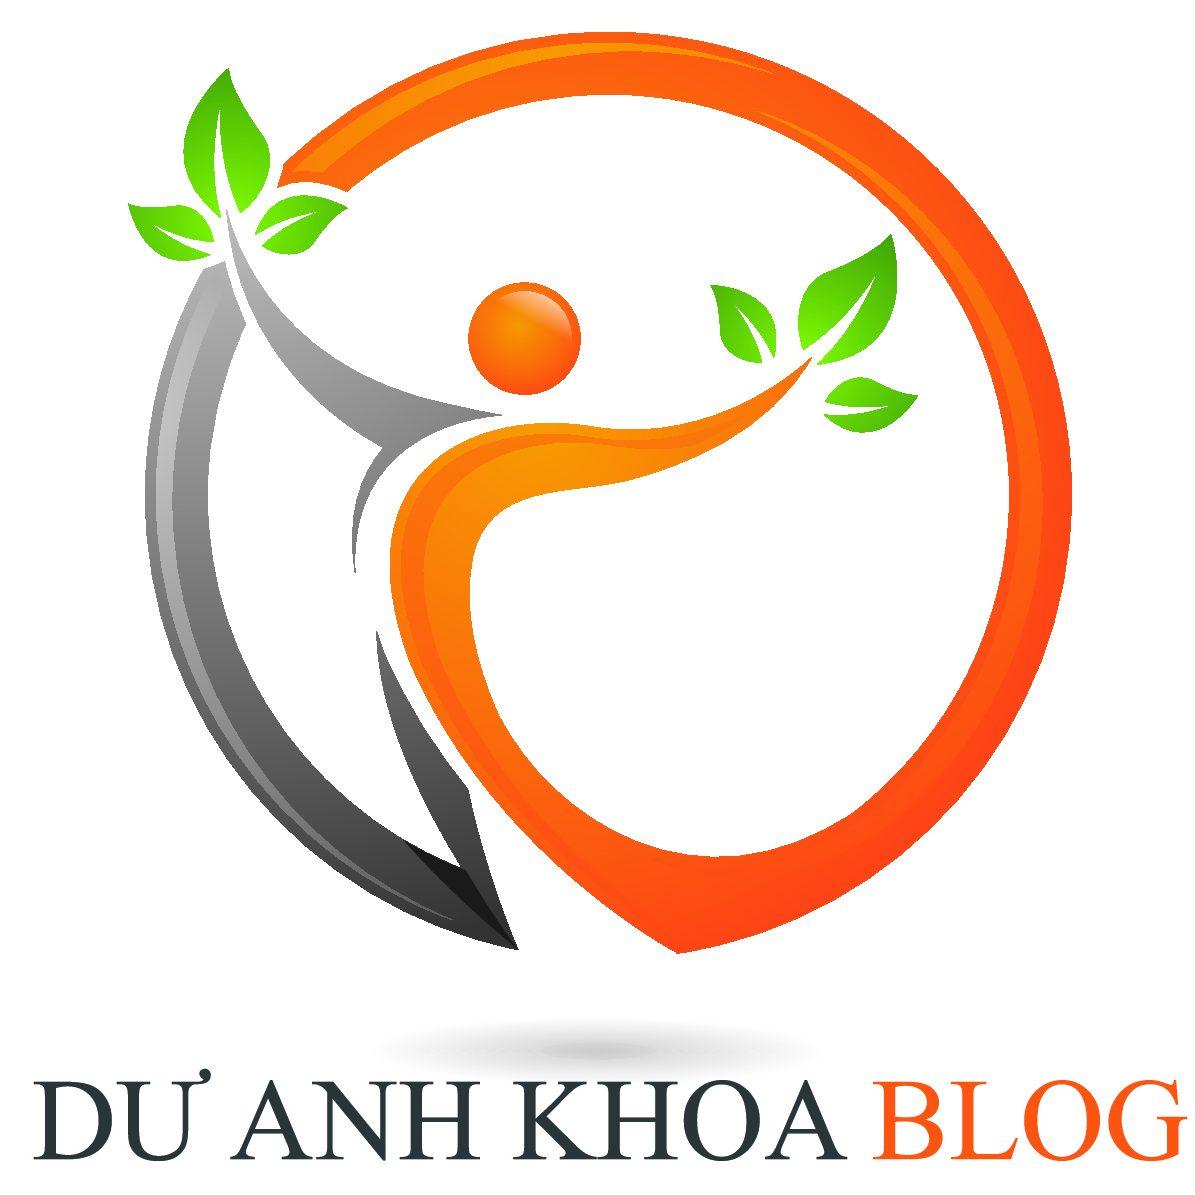 Dư Anh Khoa Blog